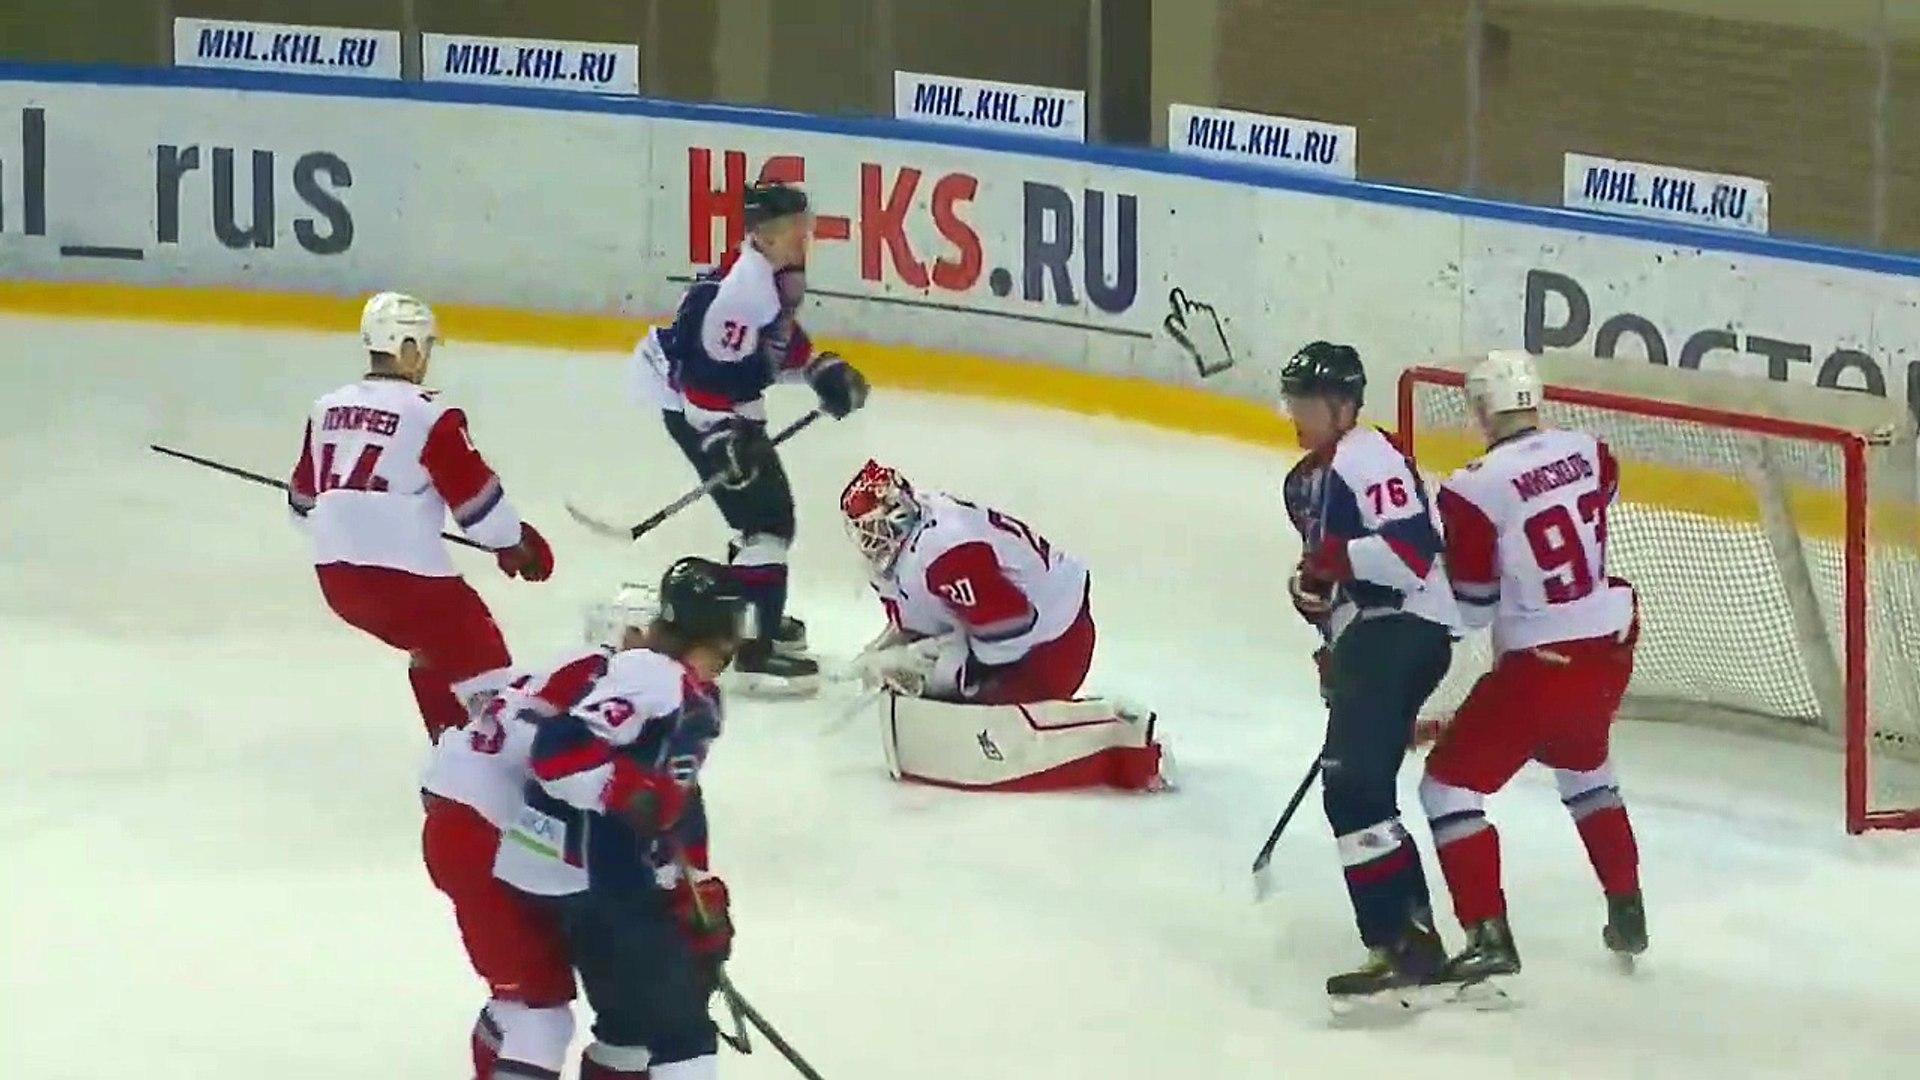 #20 Daniil Isayev highlights vs KS